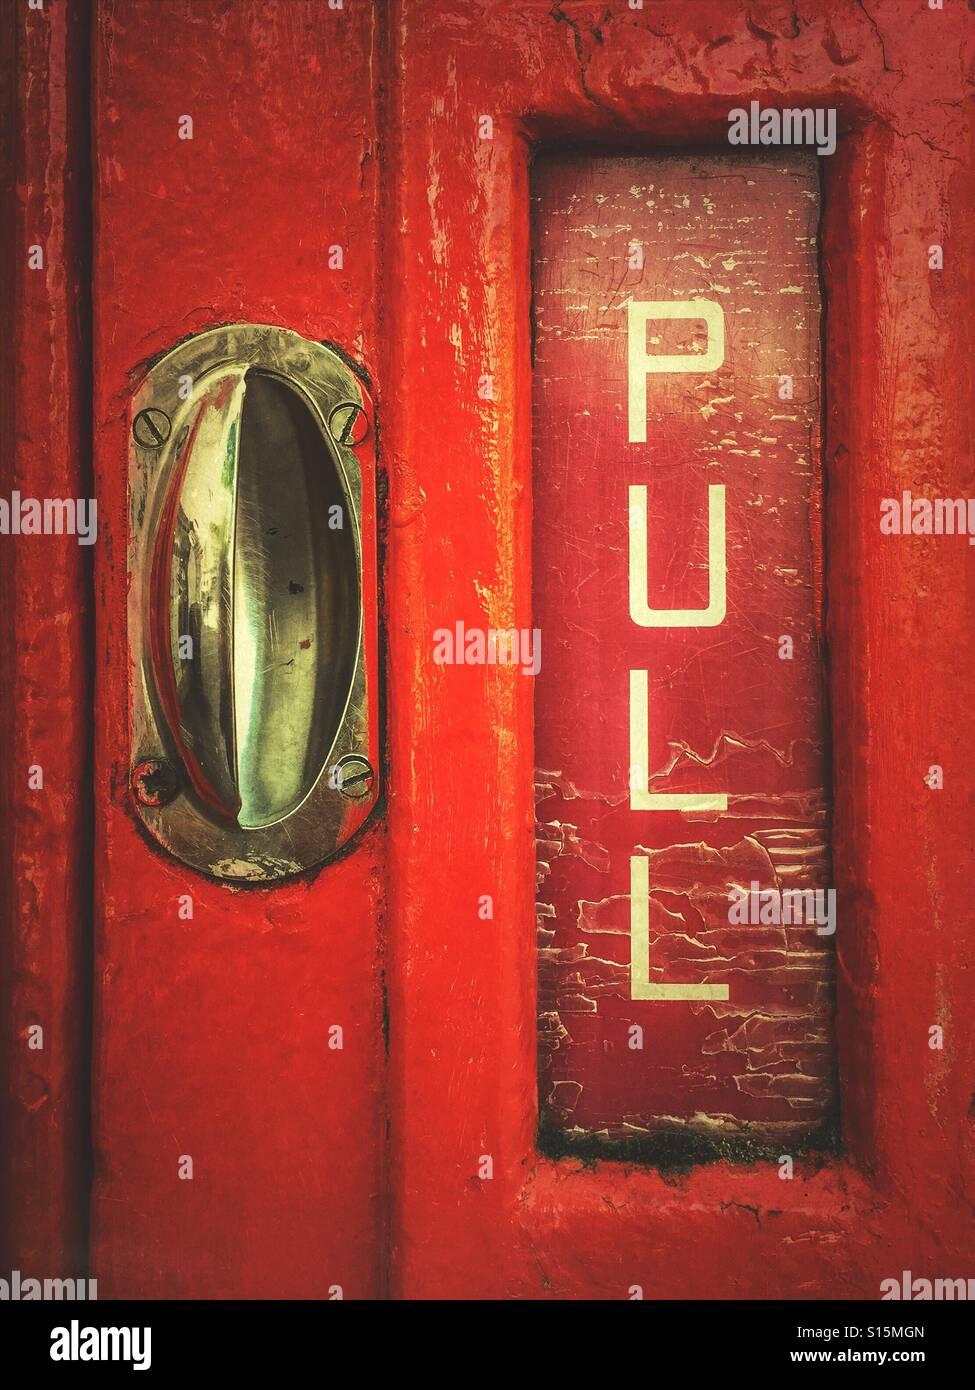 Boîte de téléphone rouge détail Photo Stock